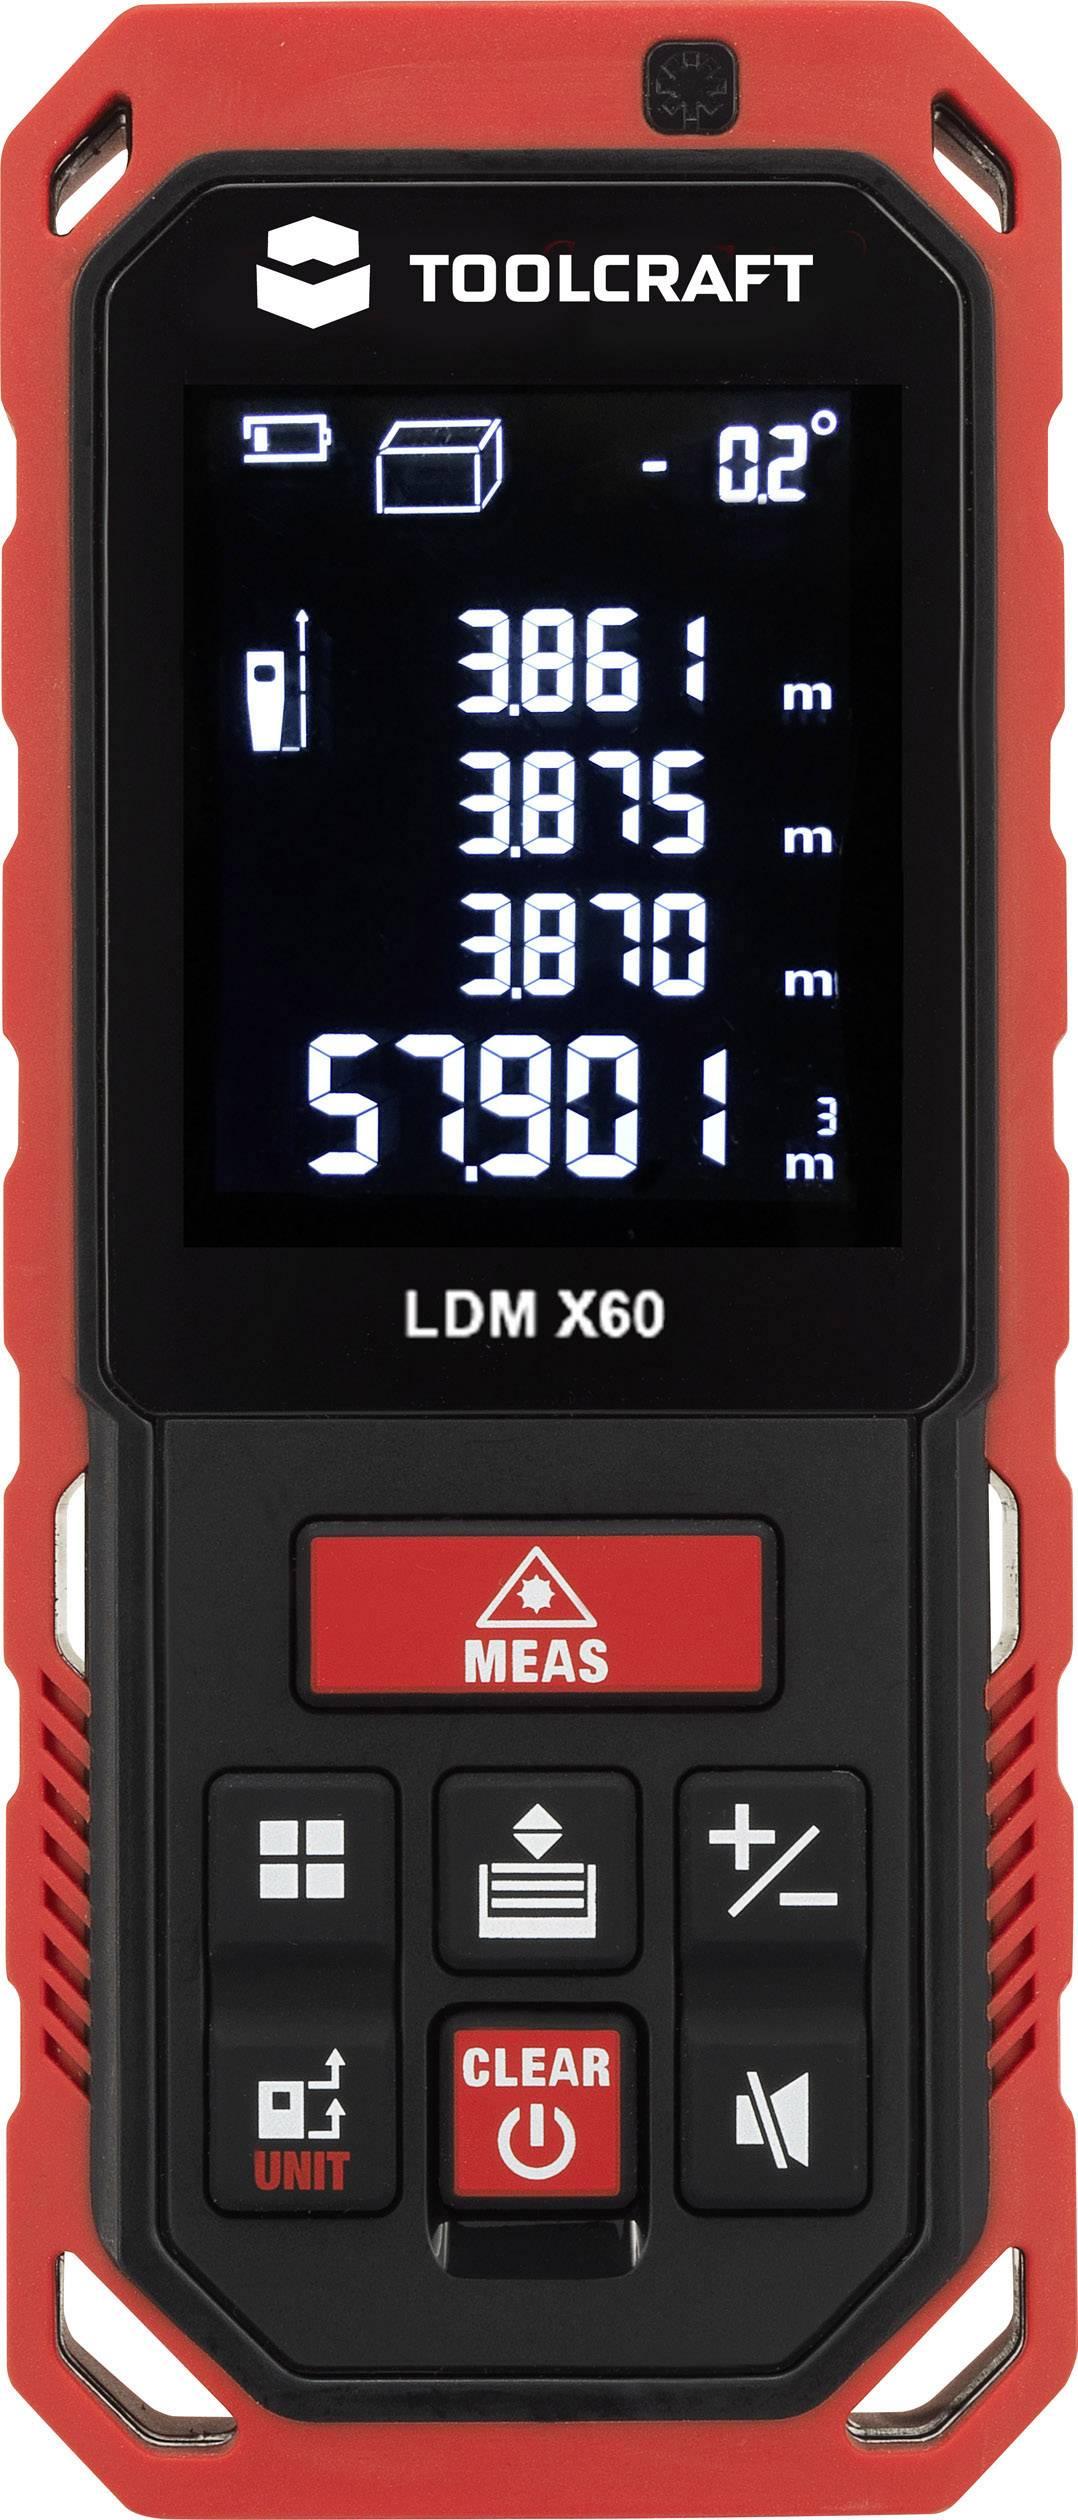 Laserový měřič vzdálenosti TOOLCRAFT TO-LMD X60, rozsah měření (max.) 60 m